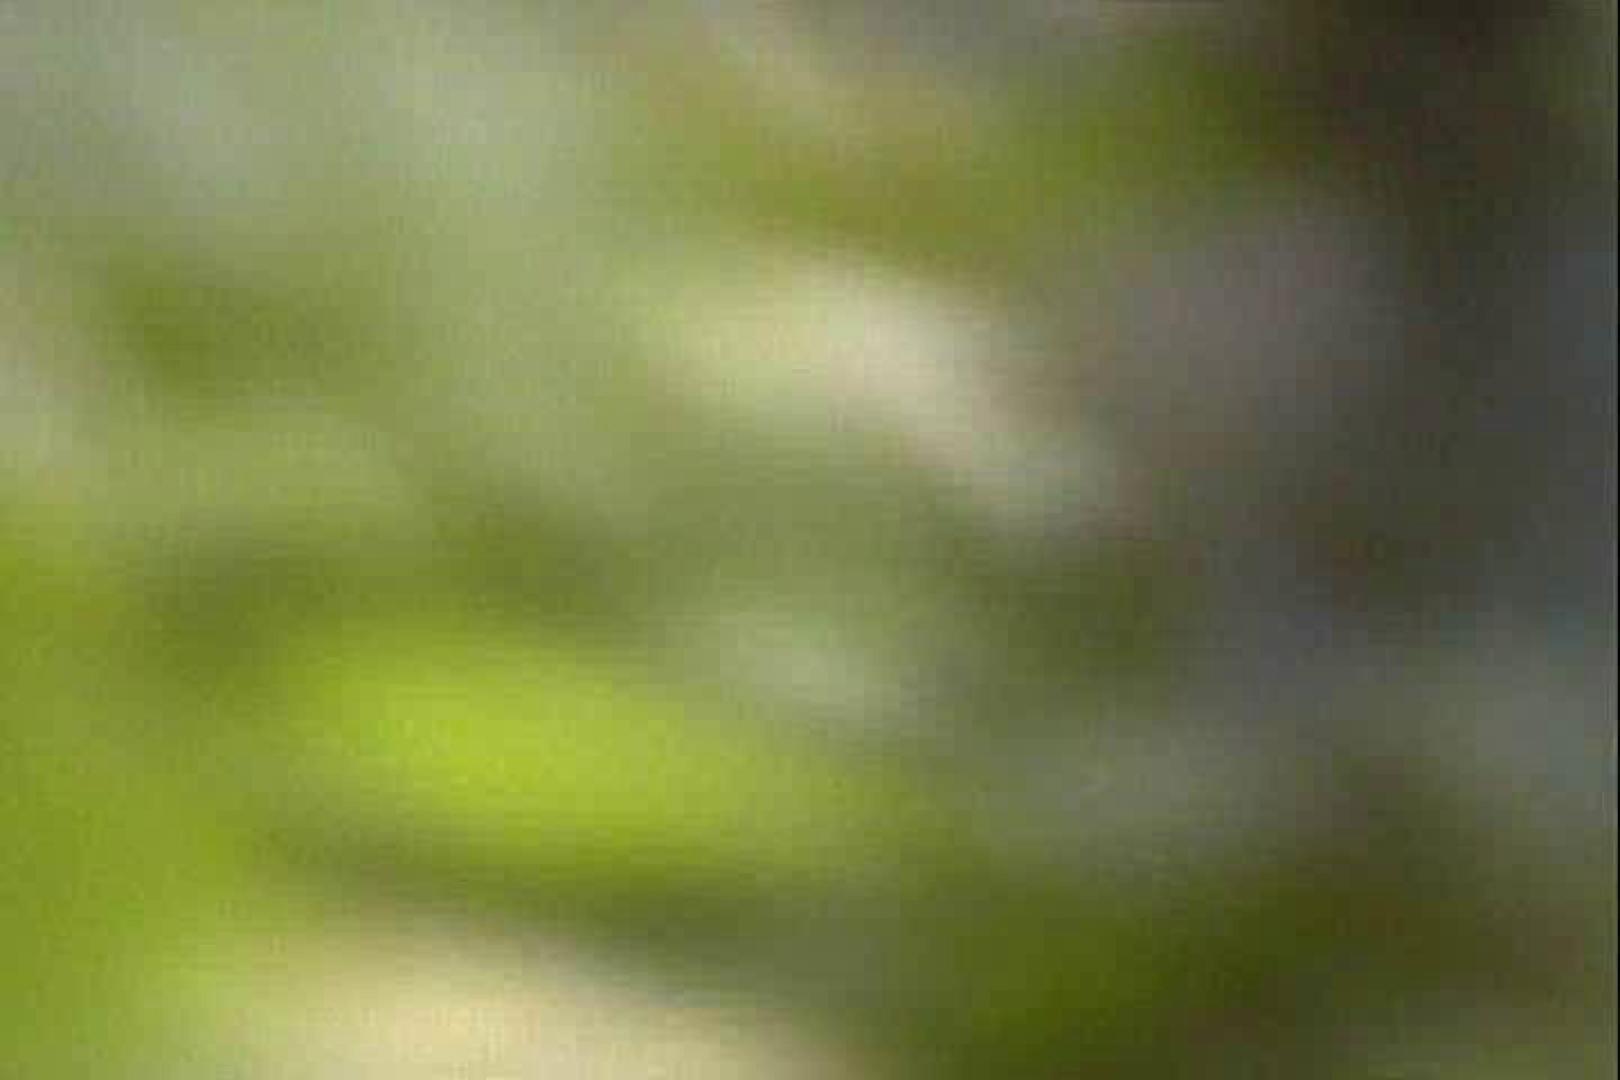 激撮!! 接写天井裏の刺客Vol.7 美しいOLの裸体   接写  102pic 13